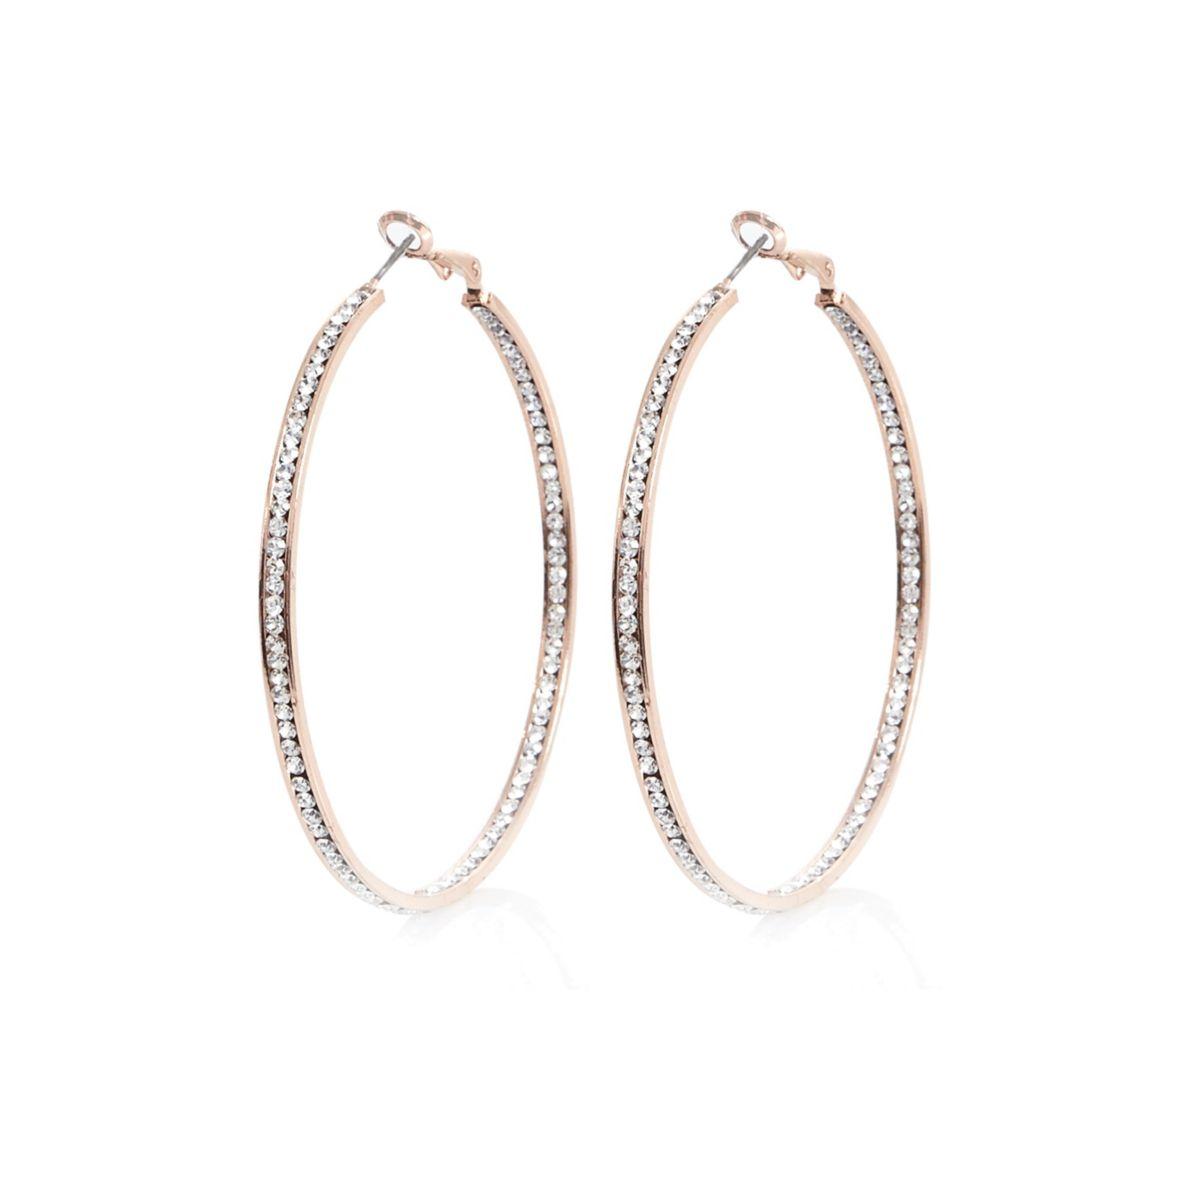 Rose gold tone rhinestone hoop earrings